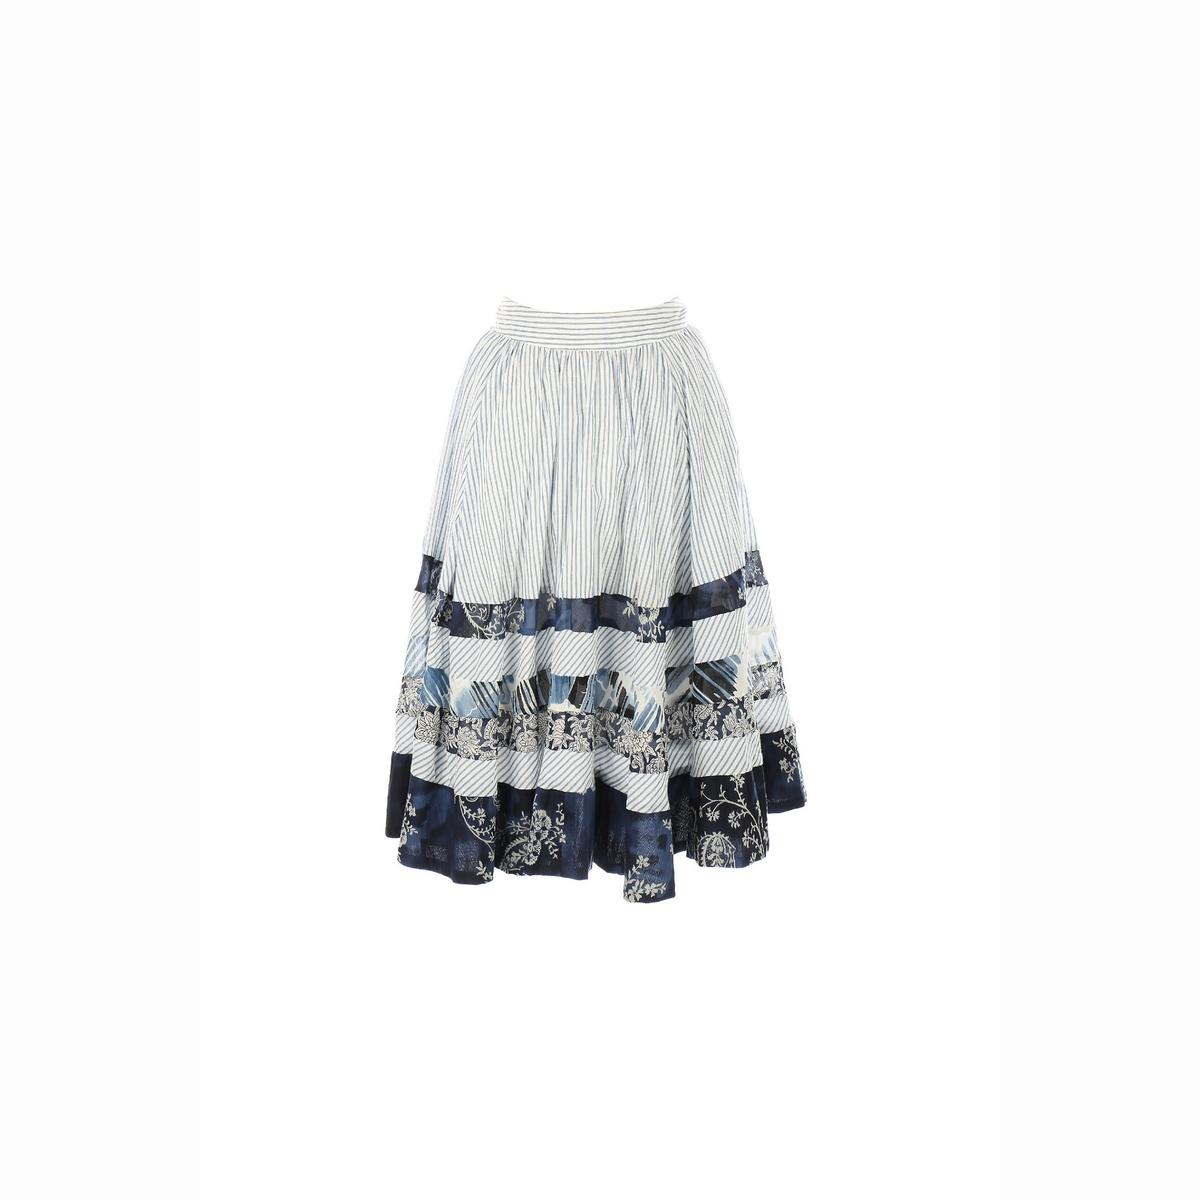 Юбка-миди с рисункомМатериал : 100% хлопок  Рисунок : в полоску Длина юбки : короткая<br><br>Цвет: темно-синий<br>Размер: L